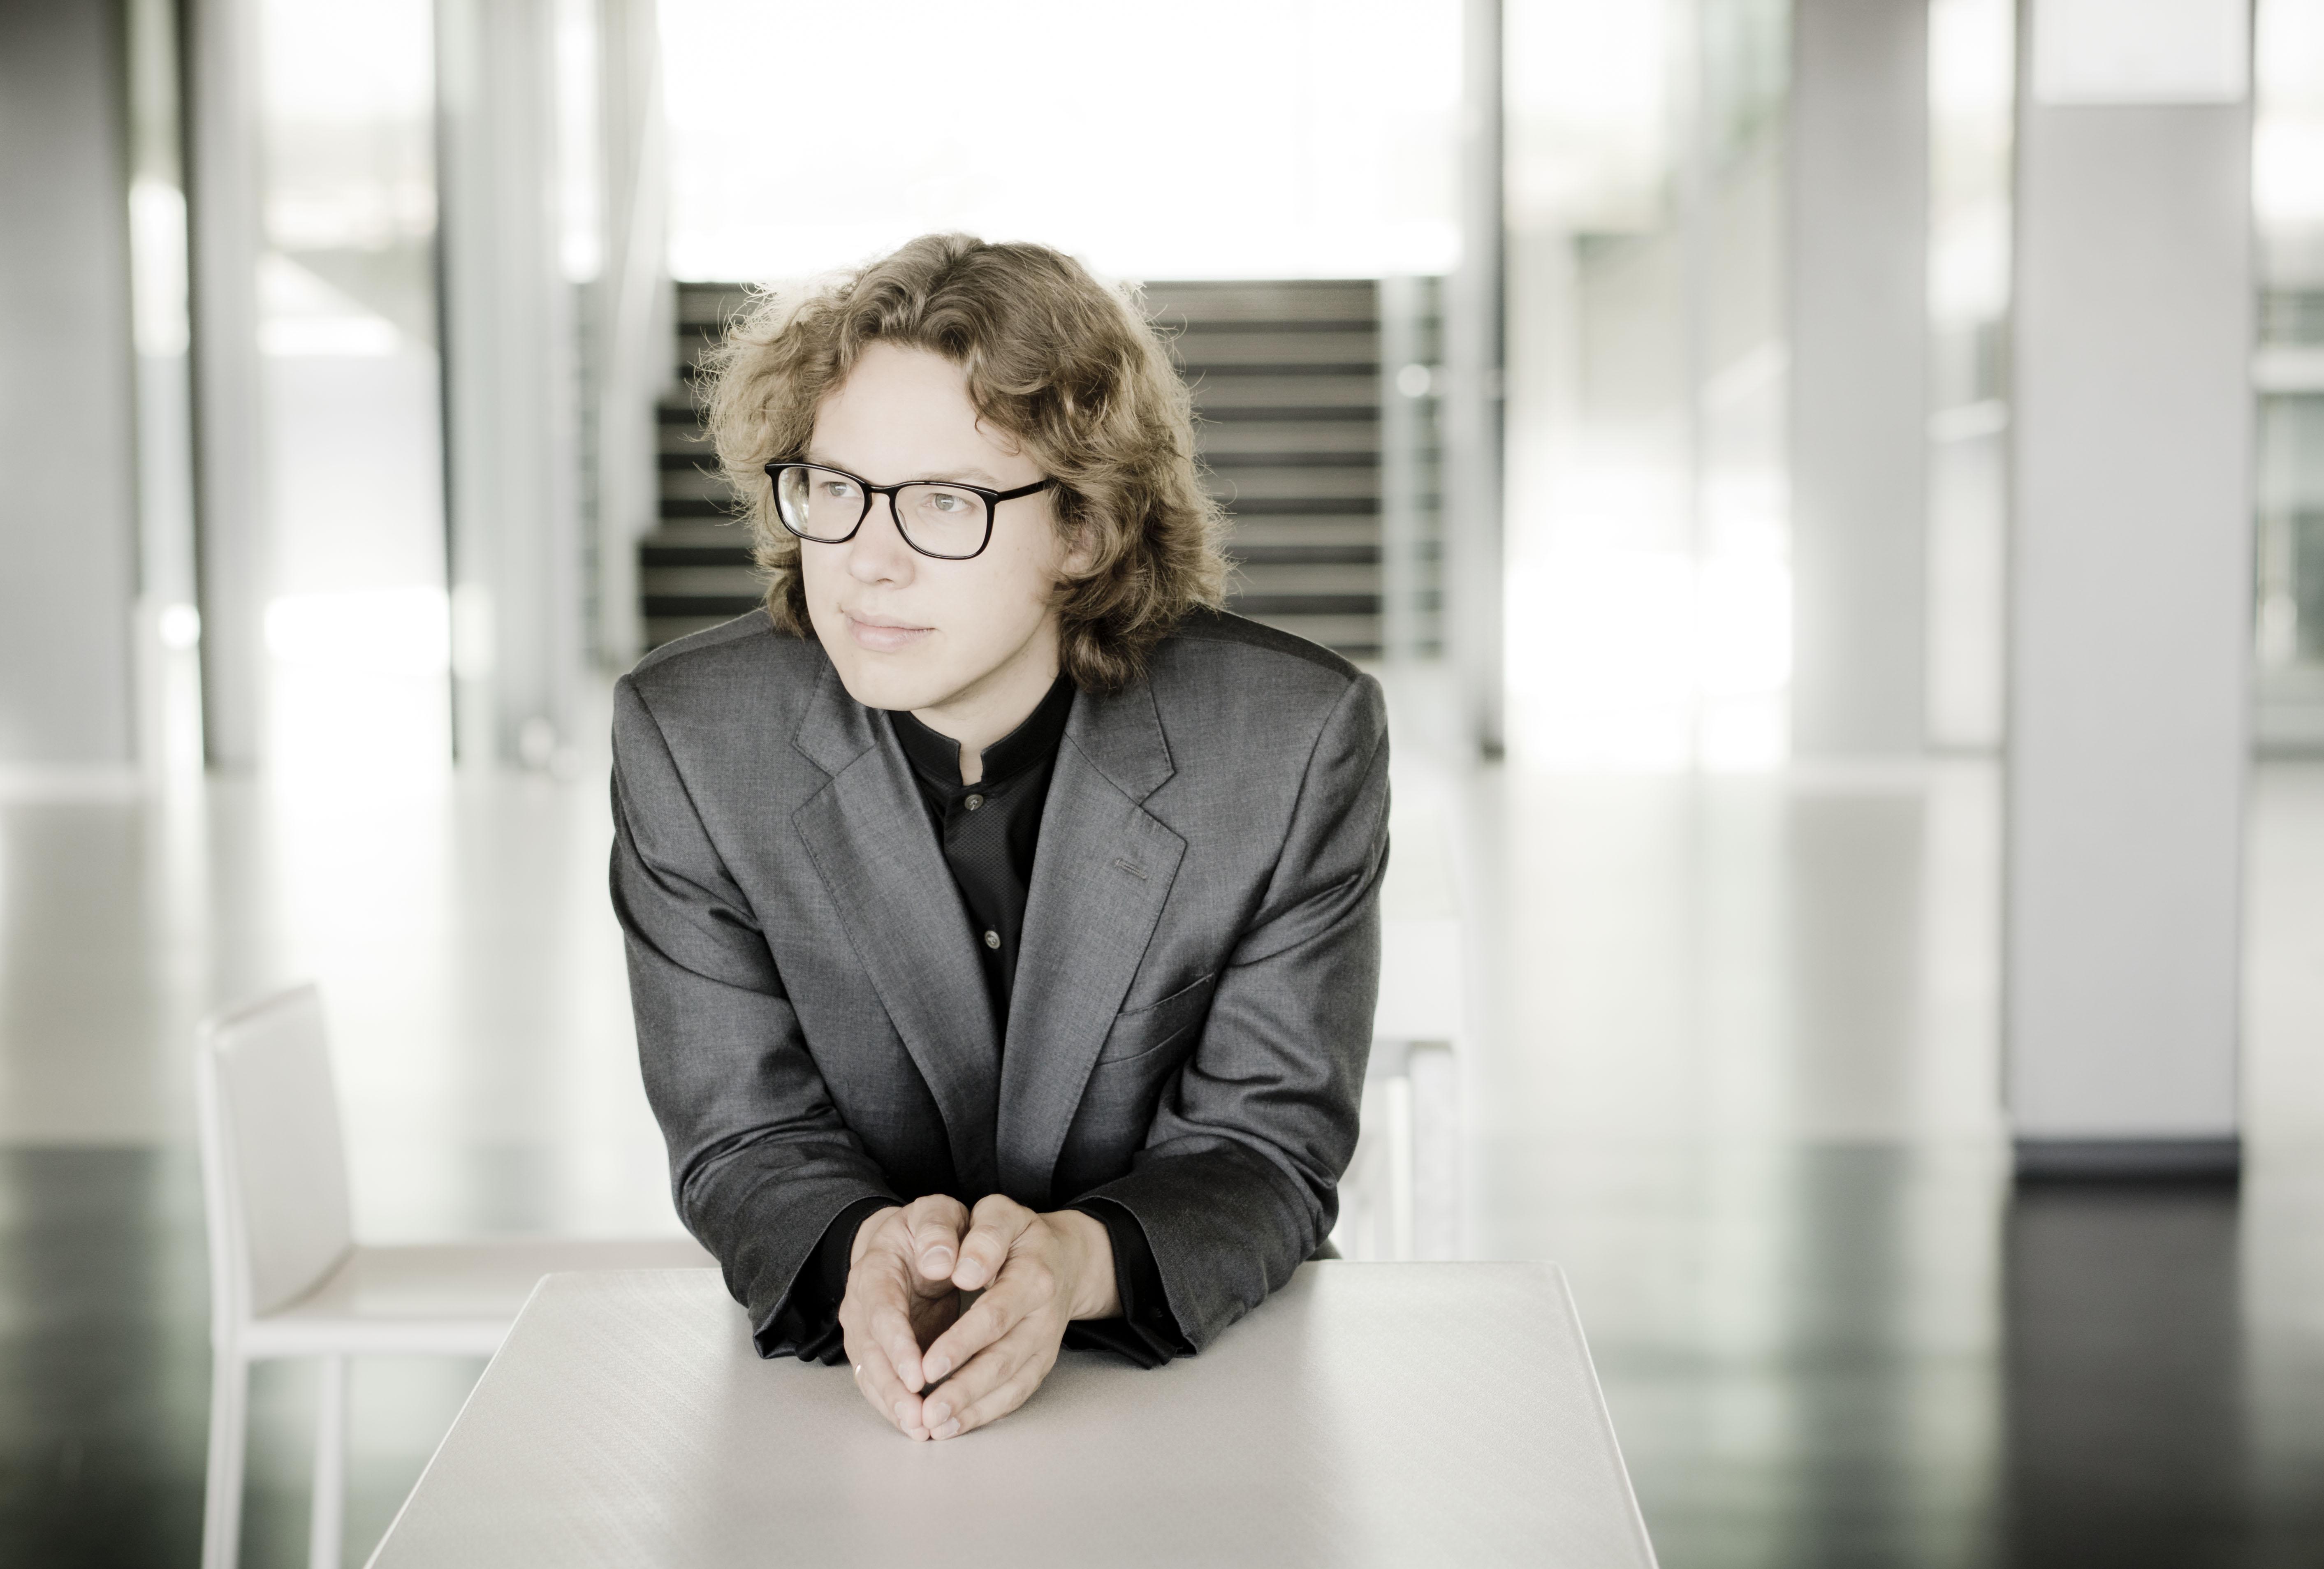 Hannes Minnaar